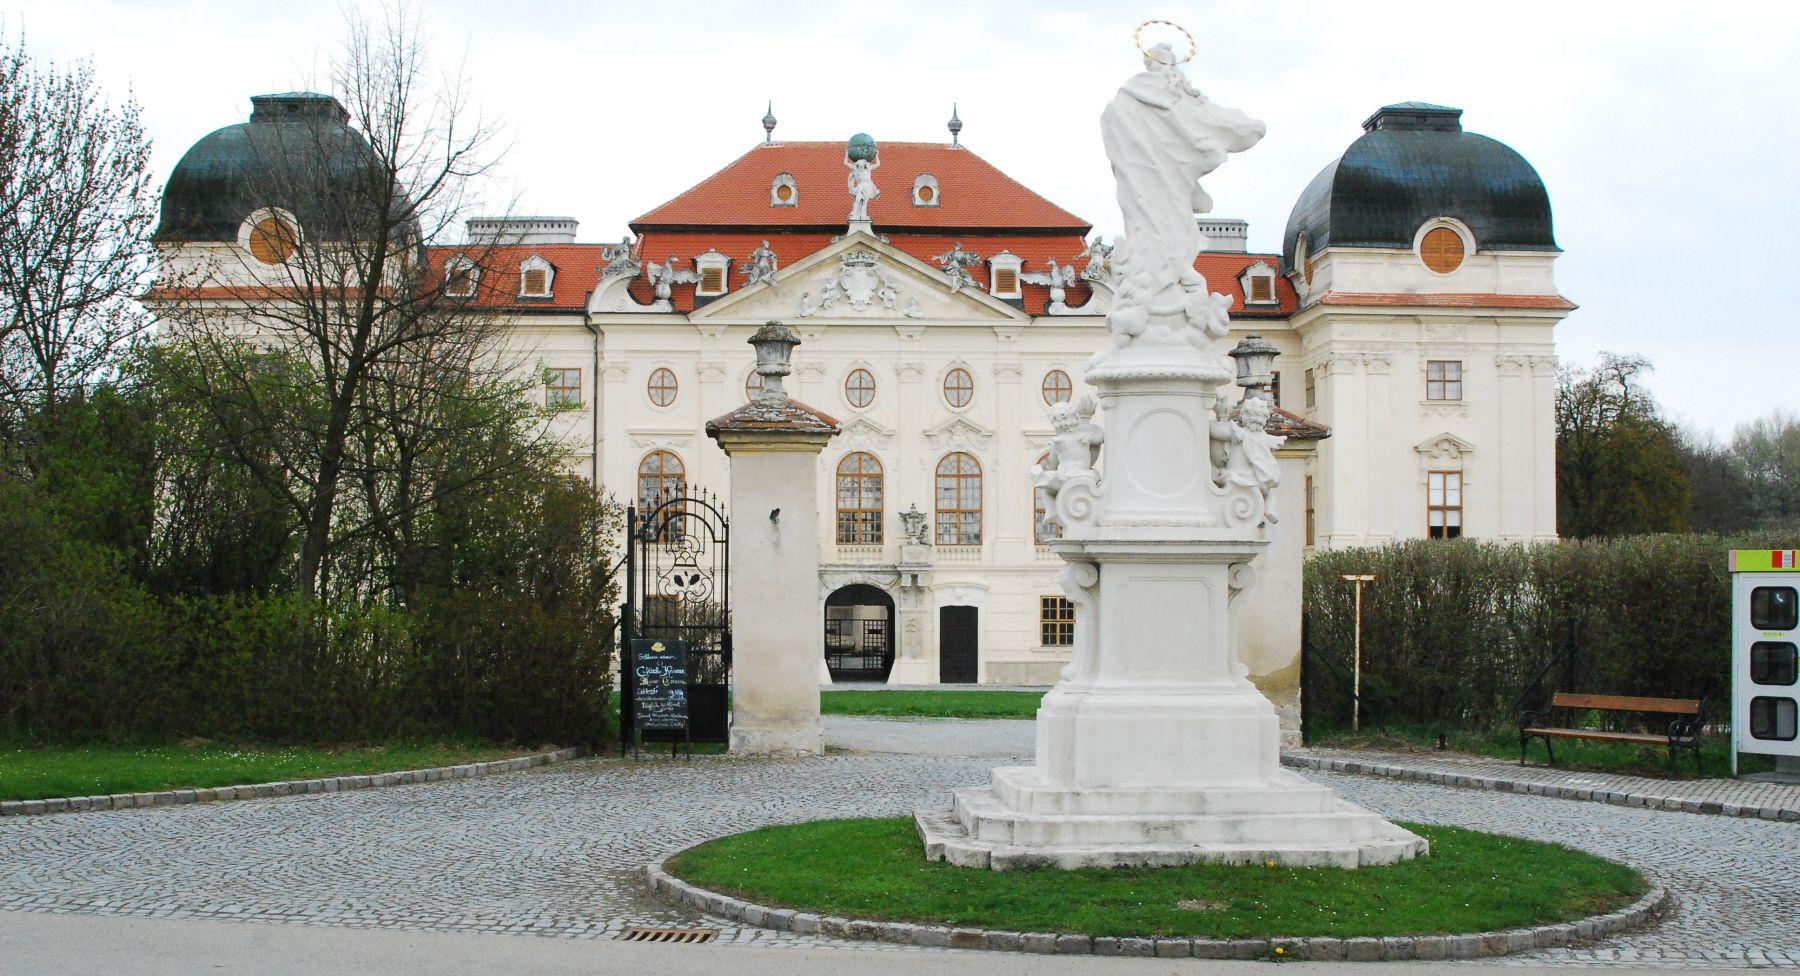 Schloss Riegersburg, Lower Austria. Das Schloss Riegersburg ist ein Schloss im gleichnamigen Ort Riegersburg bei Hardegg an der Grenze zur Tschechischen Republik. Riegersburg ist der westlichste Ort im niederösterreichischen Bezirk Hollabrunn